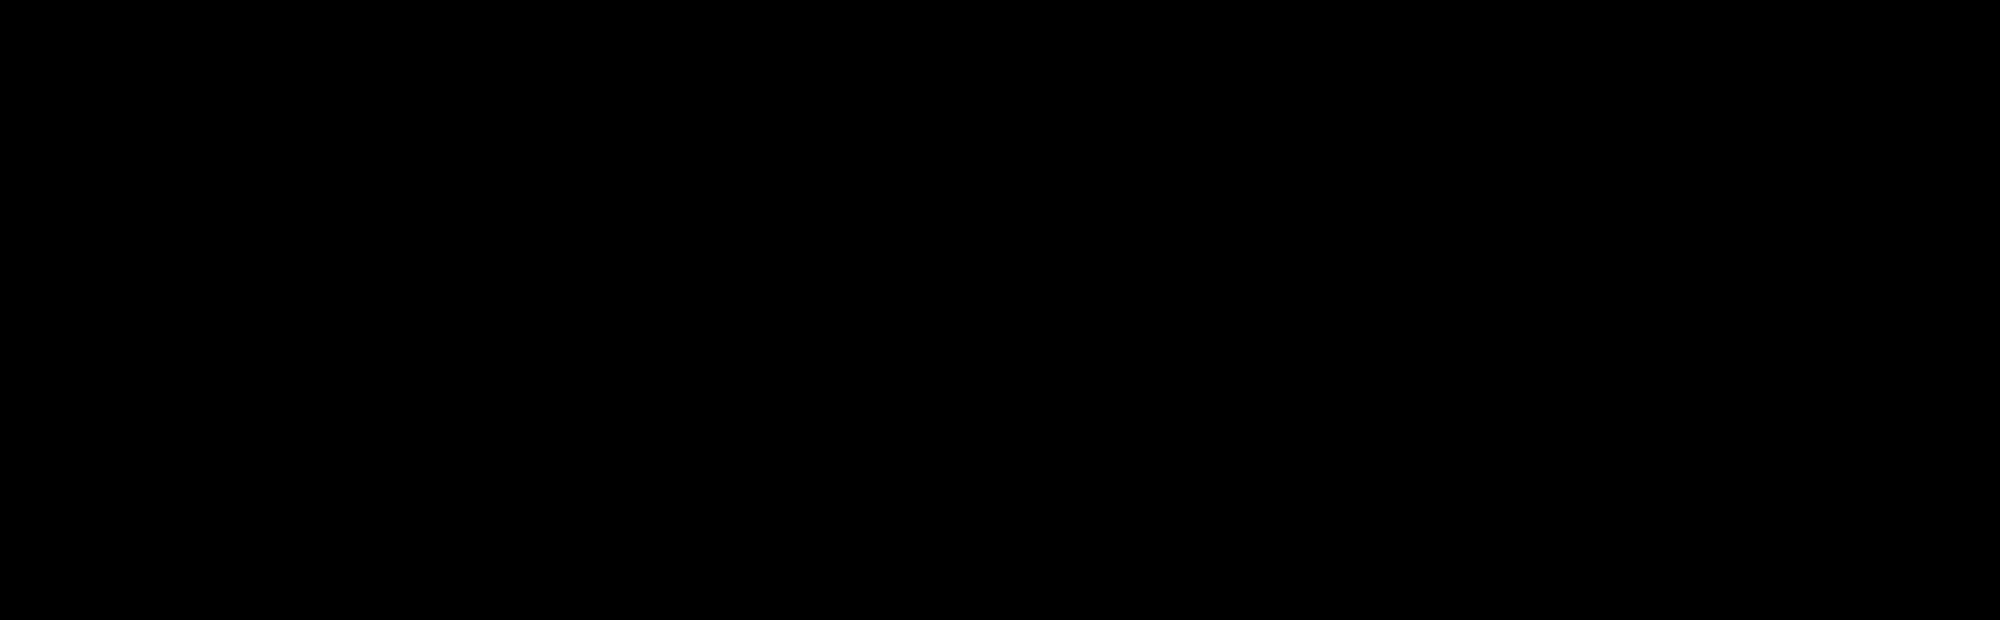 Chili Banner